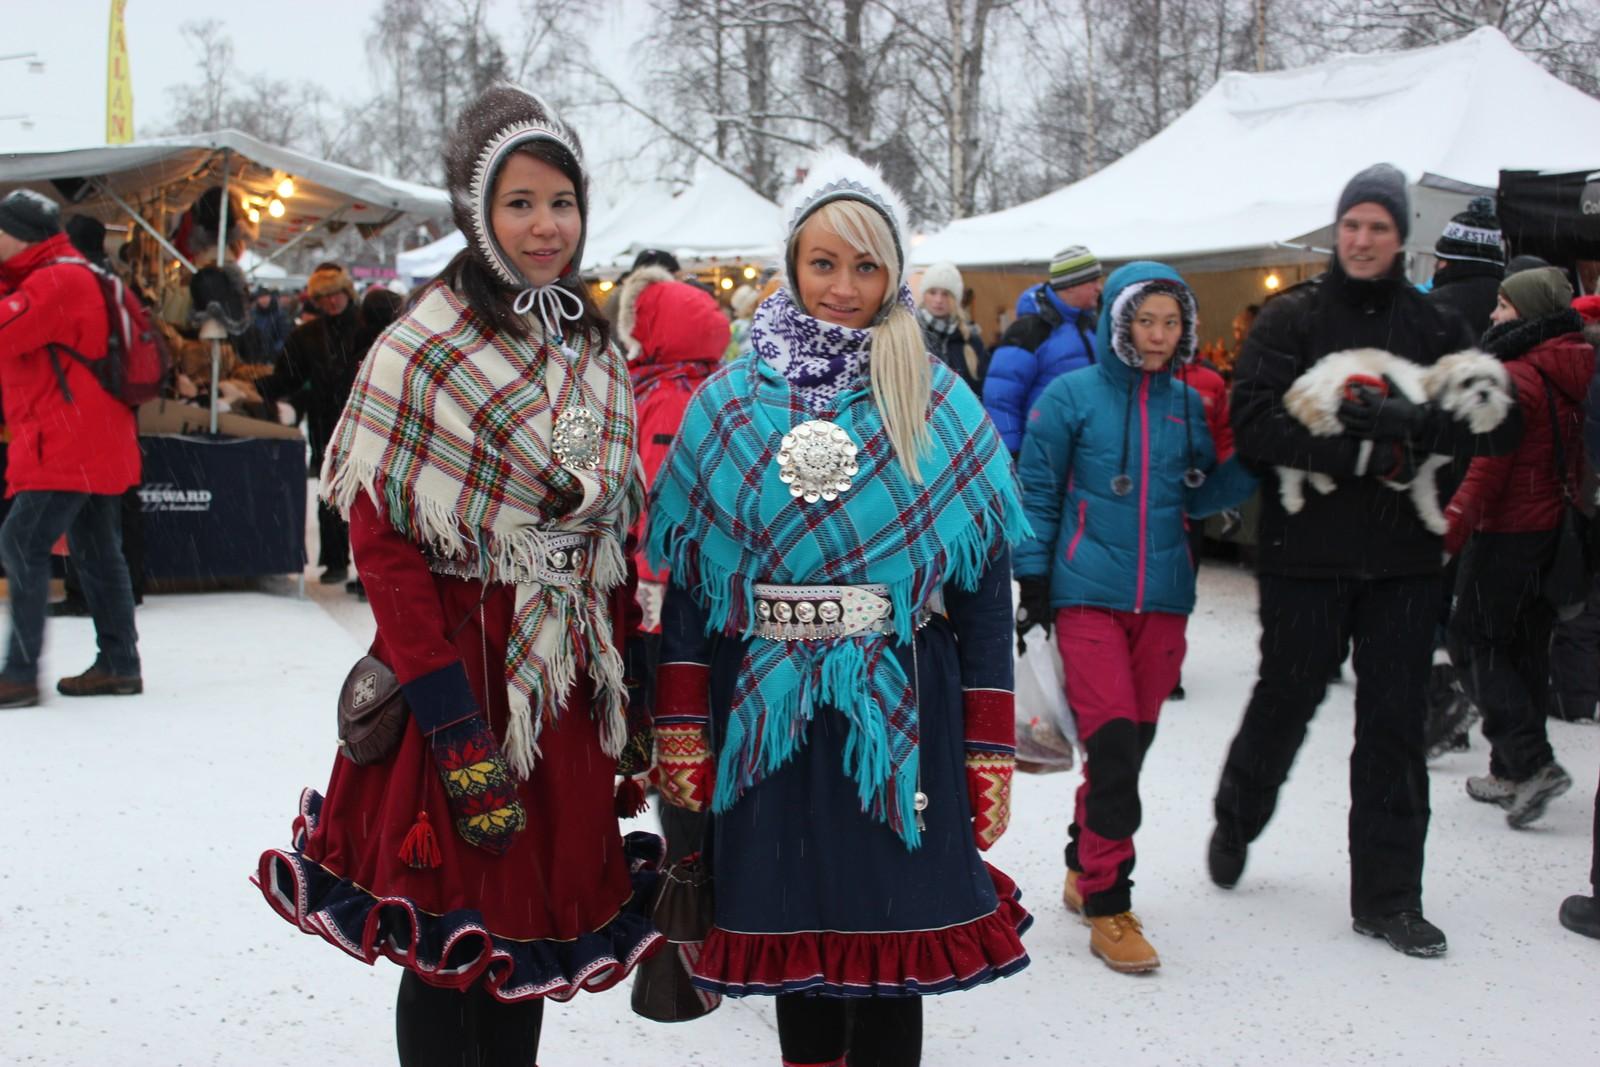 Lájlá Helene Eira og Kristin Holm Balto, henholdsvis fra Karasjok og Sirma i Tana synes det er naturlig å feire nasjonaldagen selv om turen til Jokkmokk primært er for vintermarkedet.